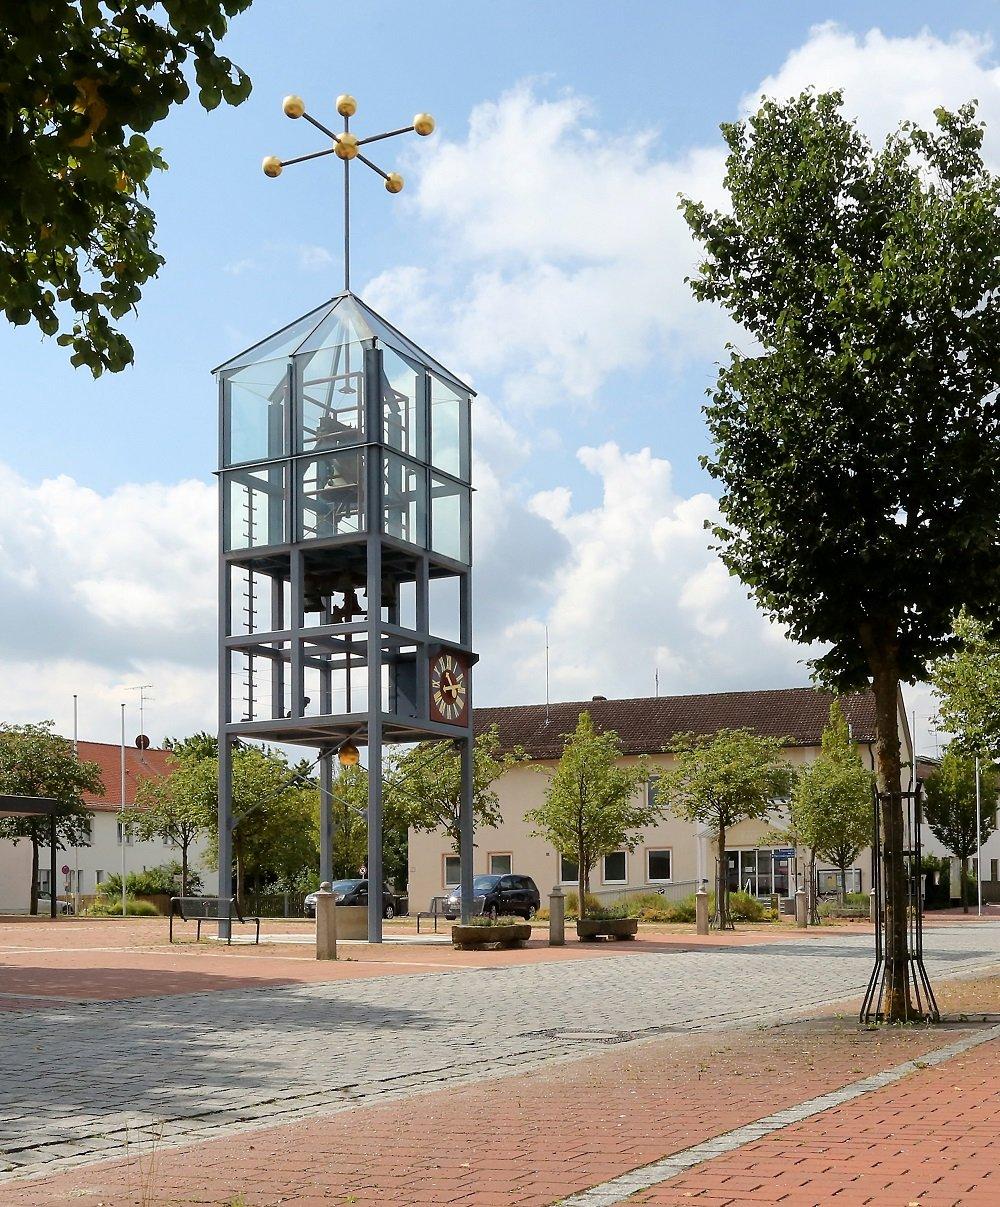 Roter Platz mit Glockenturm in der Dorfmitte in Langenbach